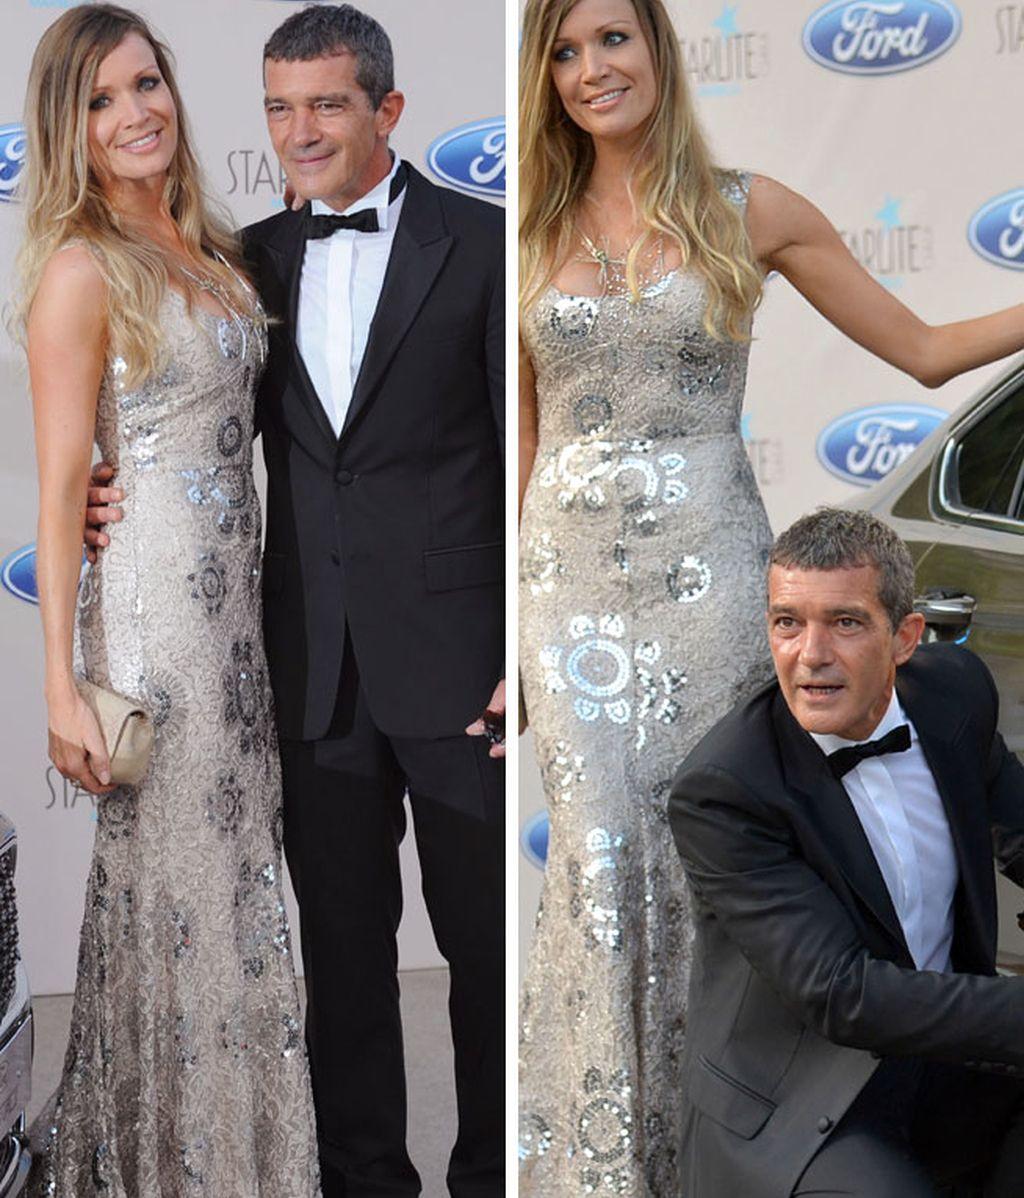 Antonio Banderas y su novia Nicole fueron los protagonistas de la noche